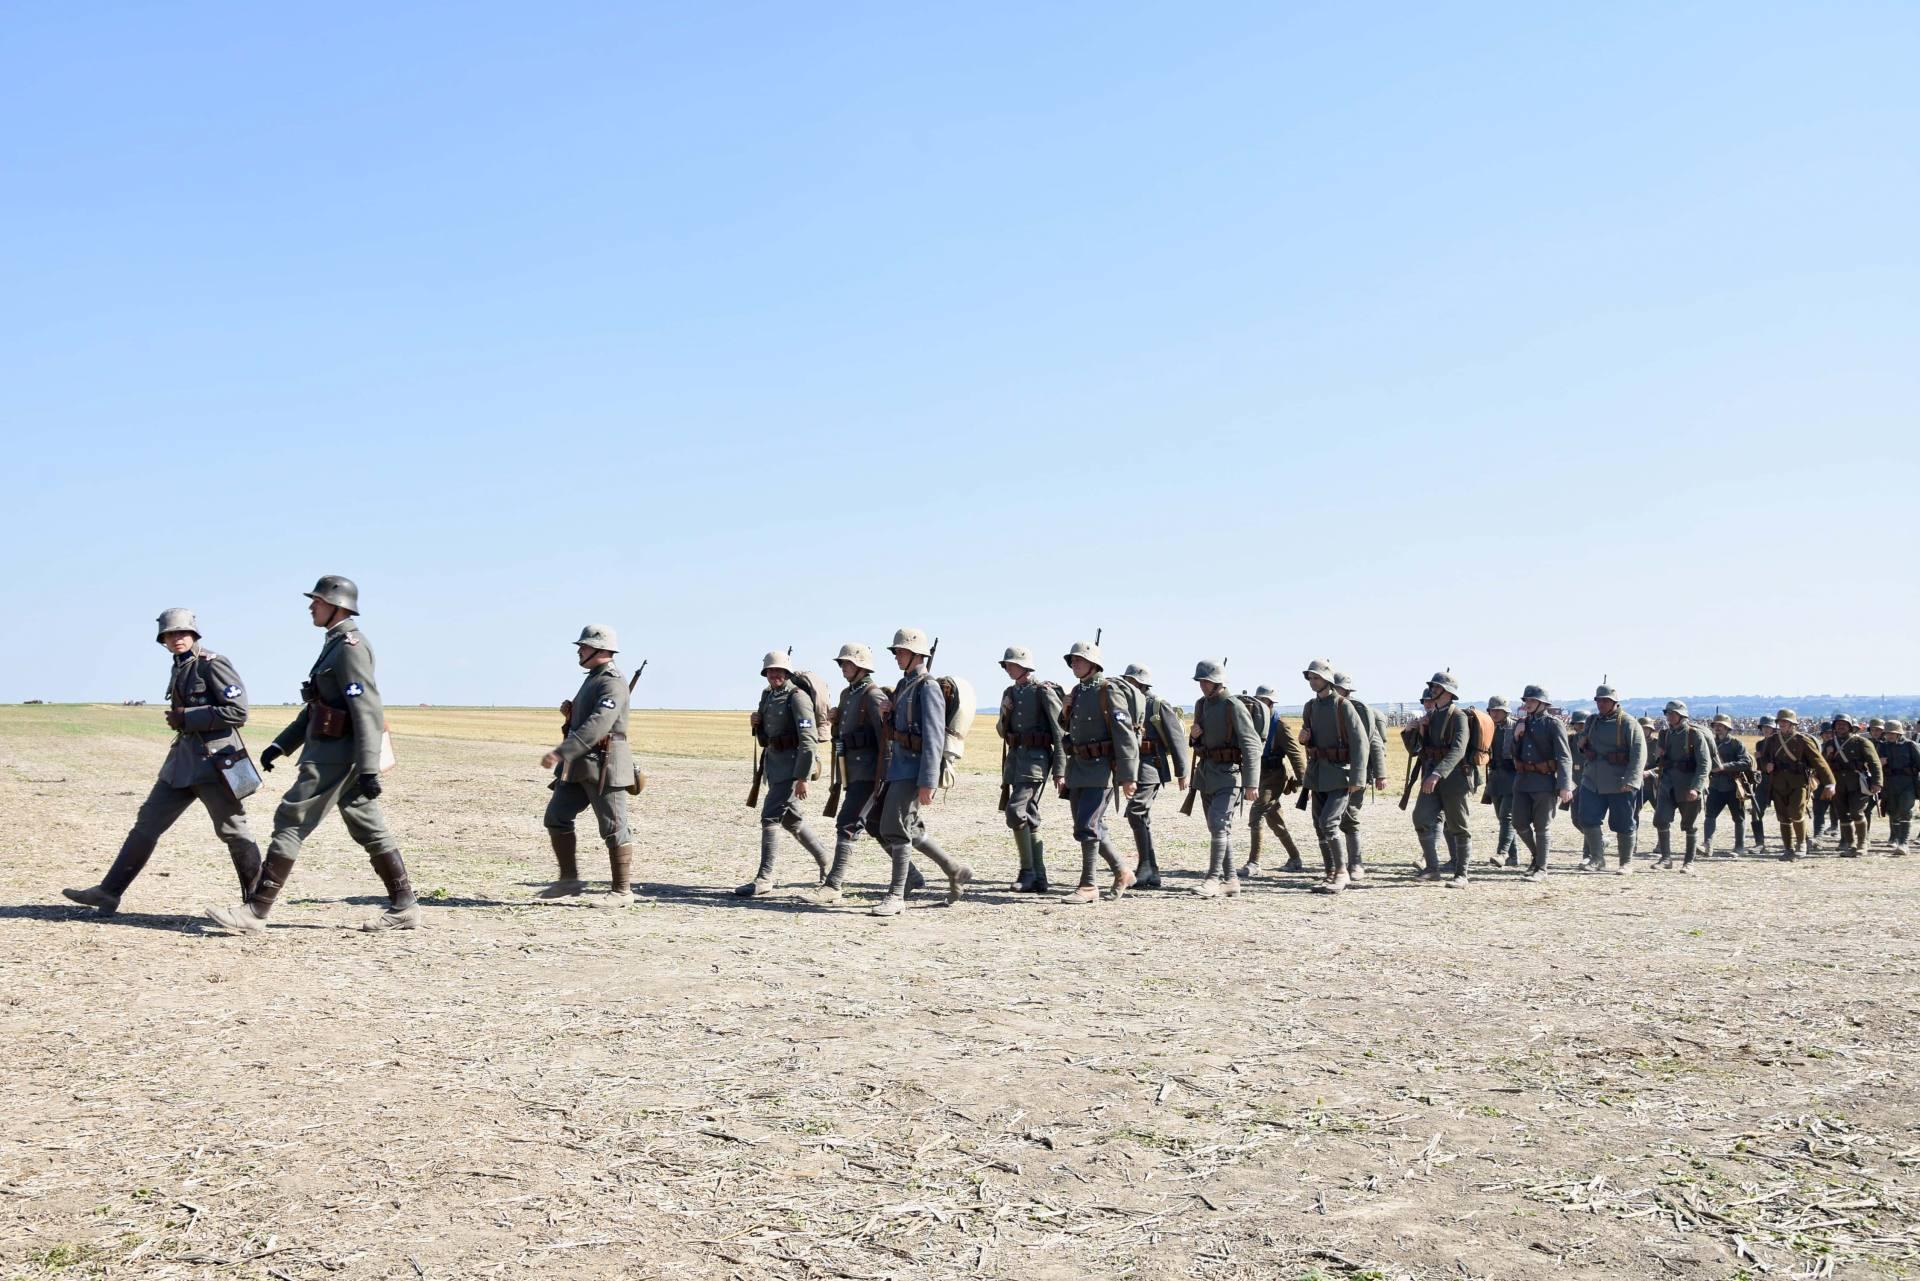 dsc 0931 Czas szabli - 100 rocznica bitwy pod Komarowem(zdjęcia)